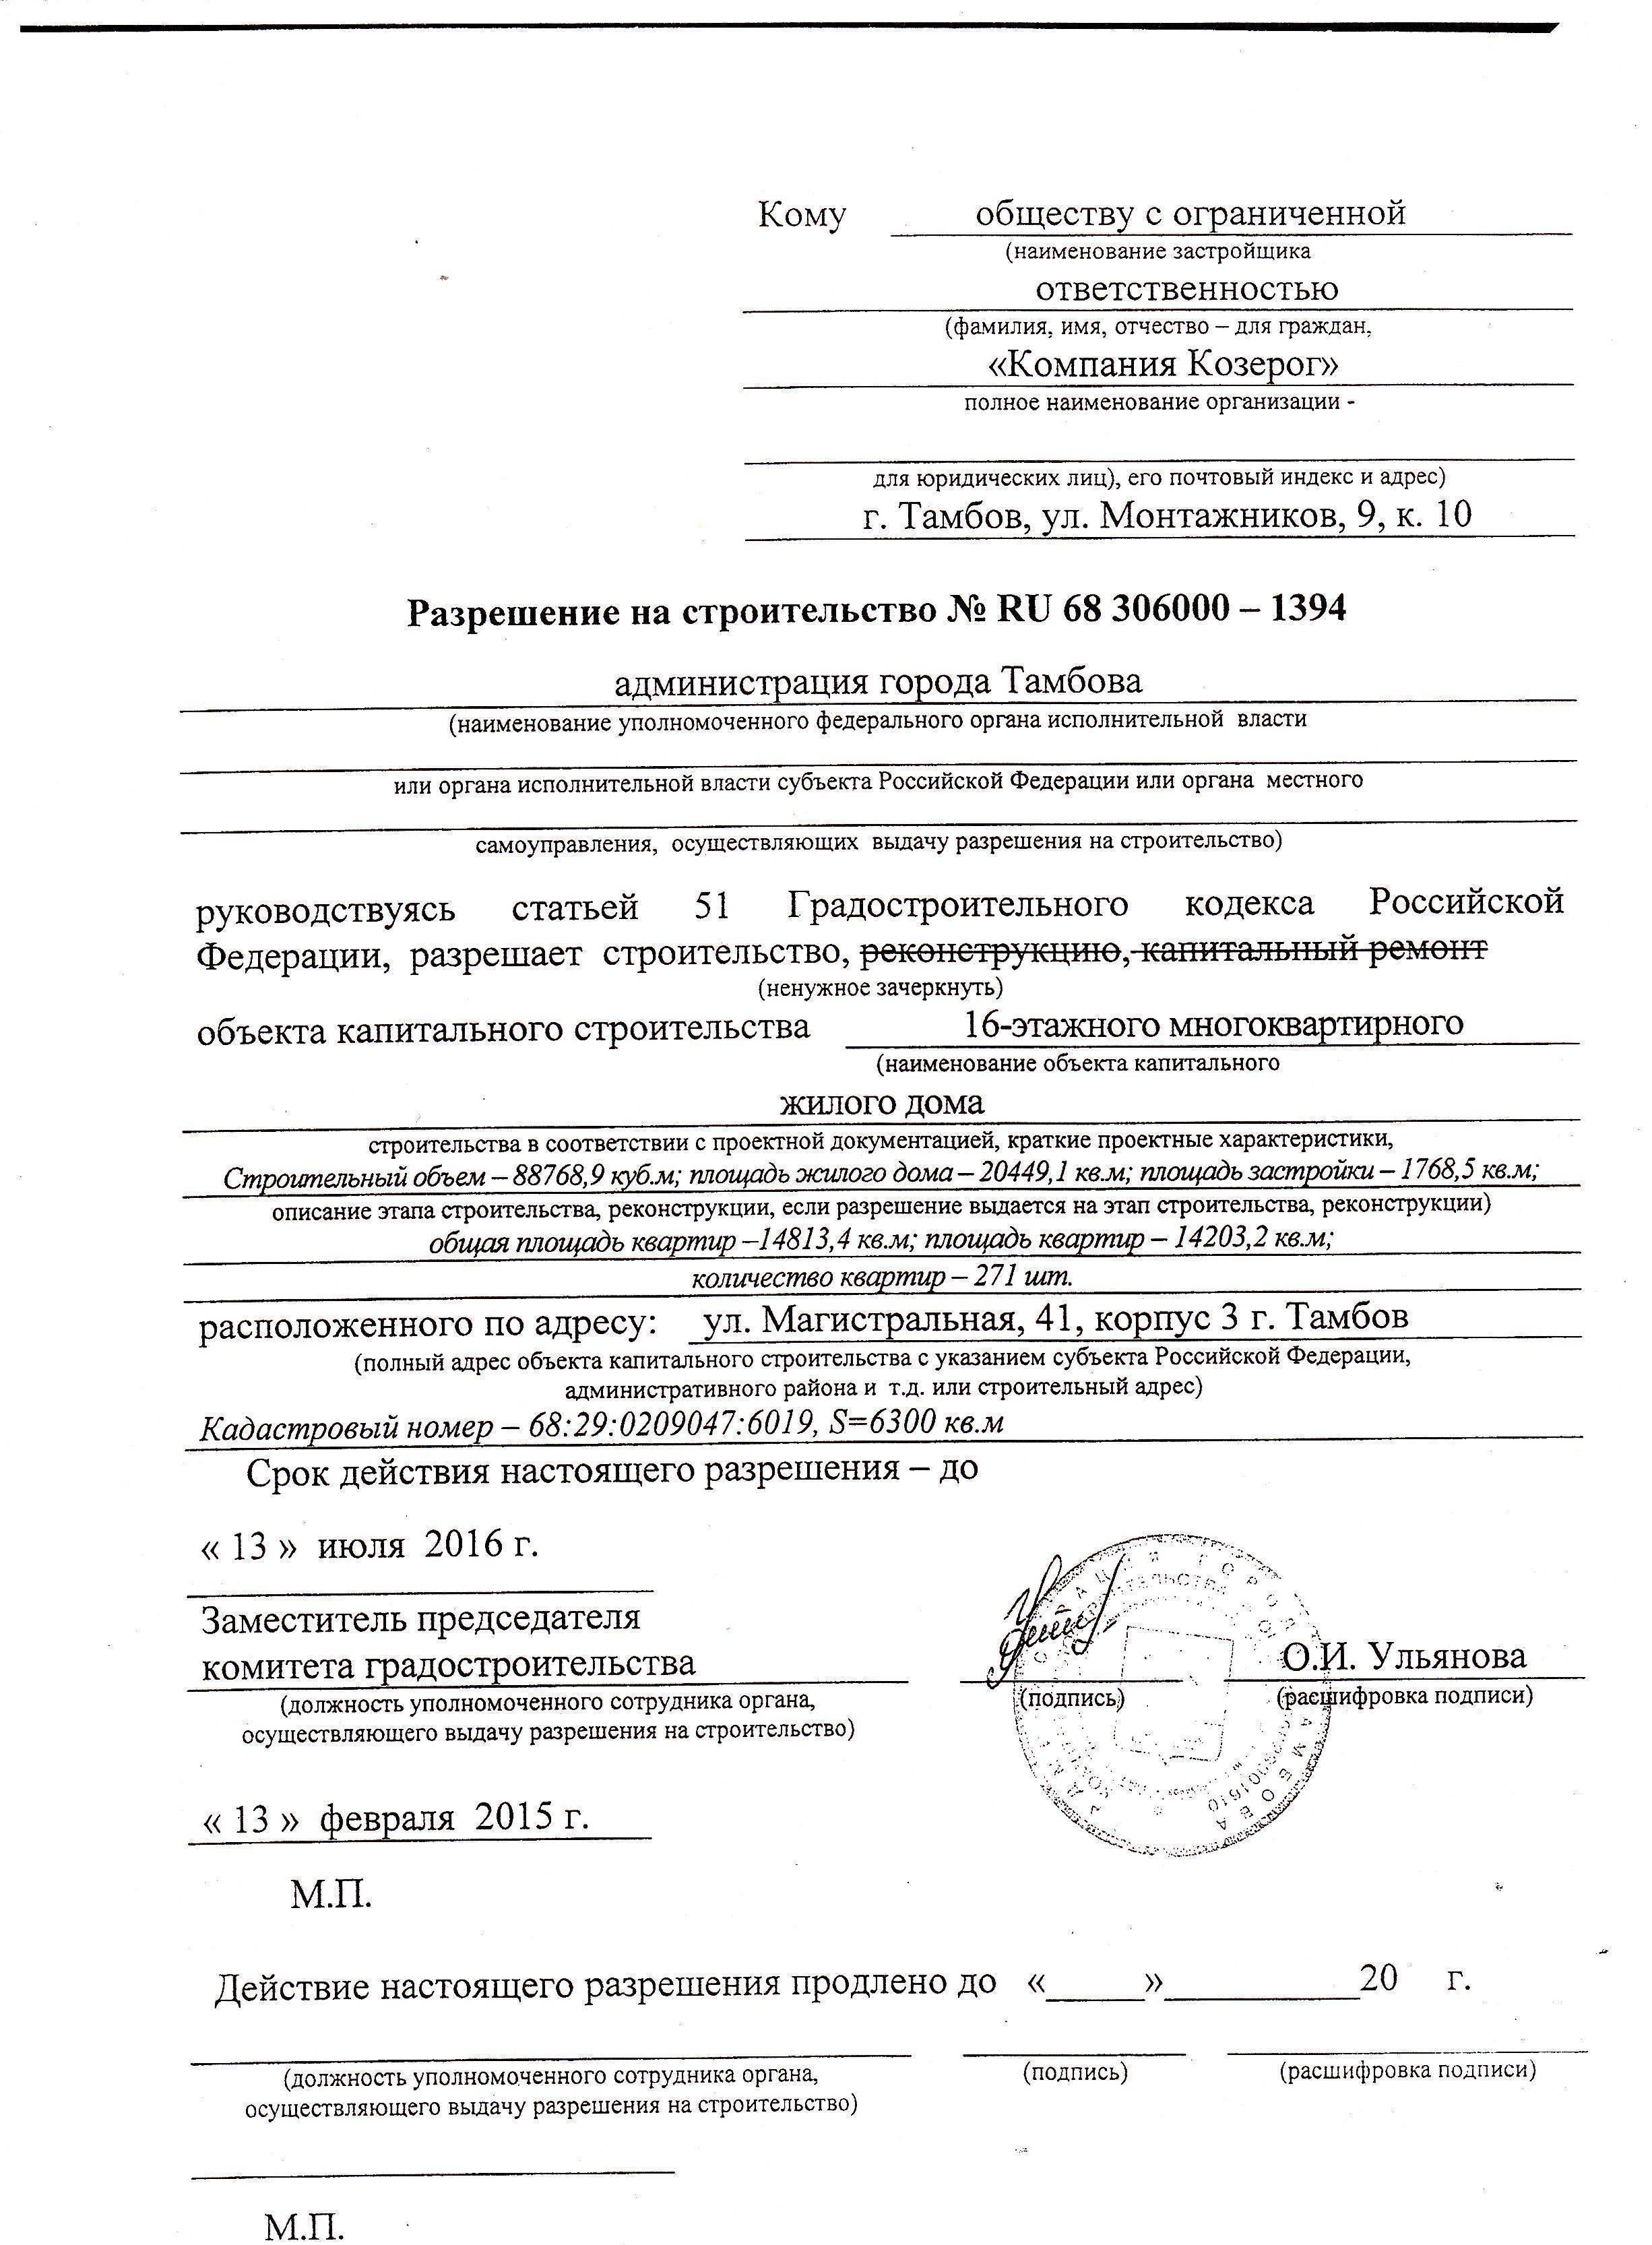 Как получить разрешение на строительство частного дома: пошаговая инструкция. порядок оформления разрешения :: businessman.ru